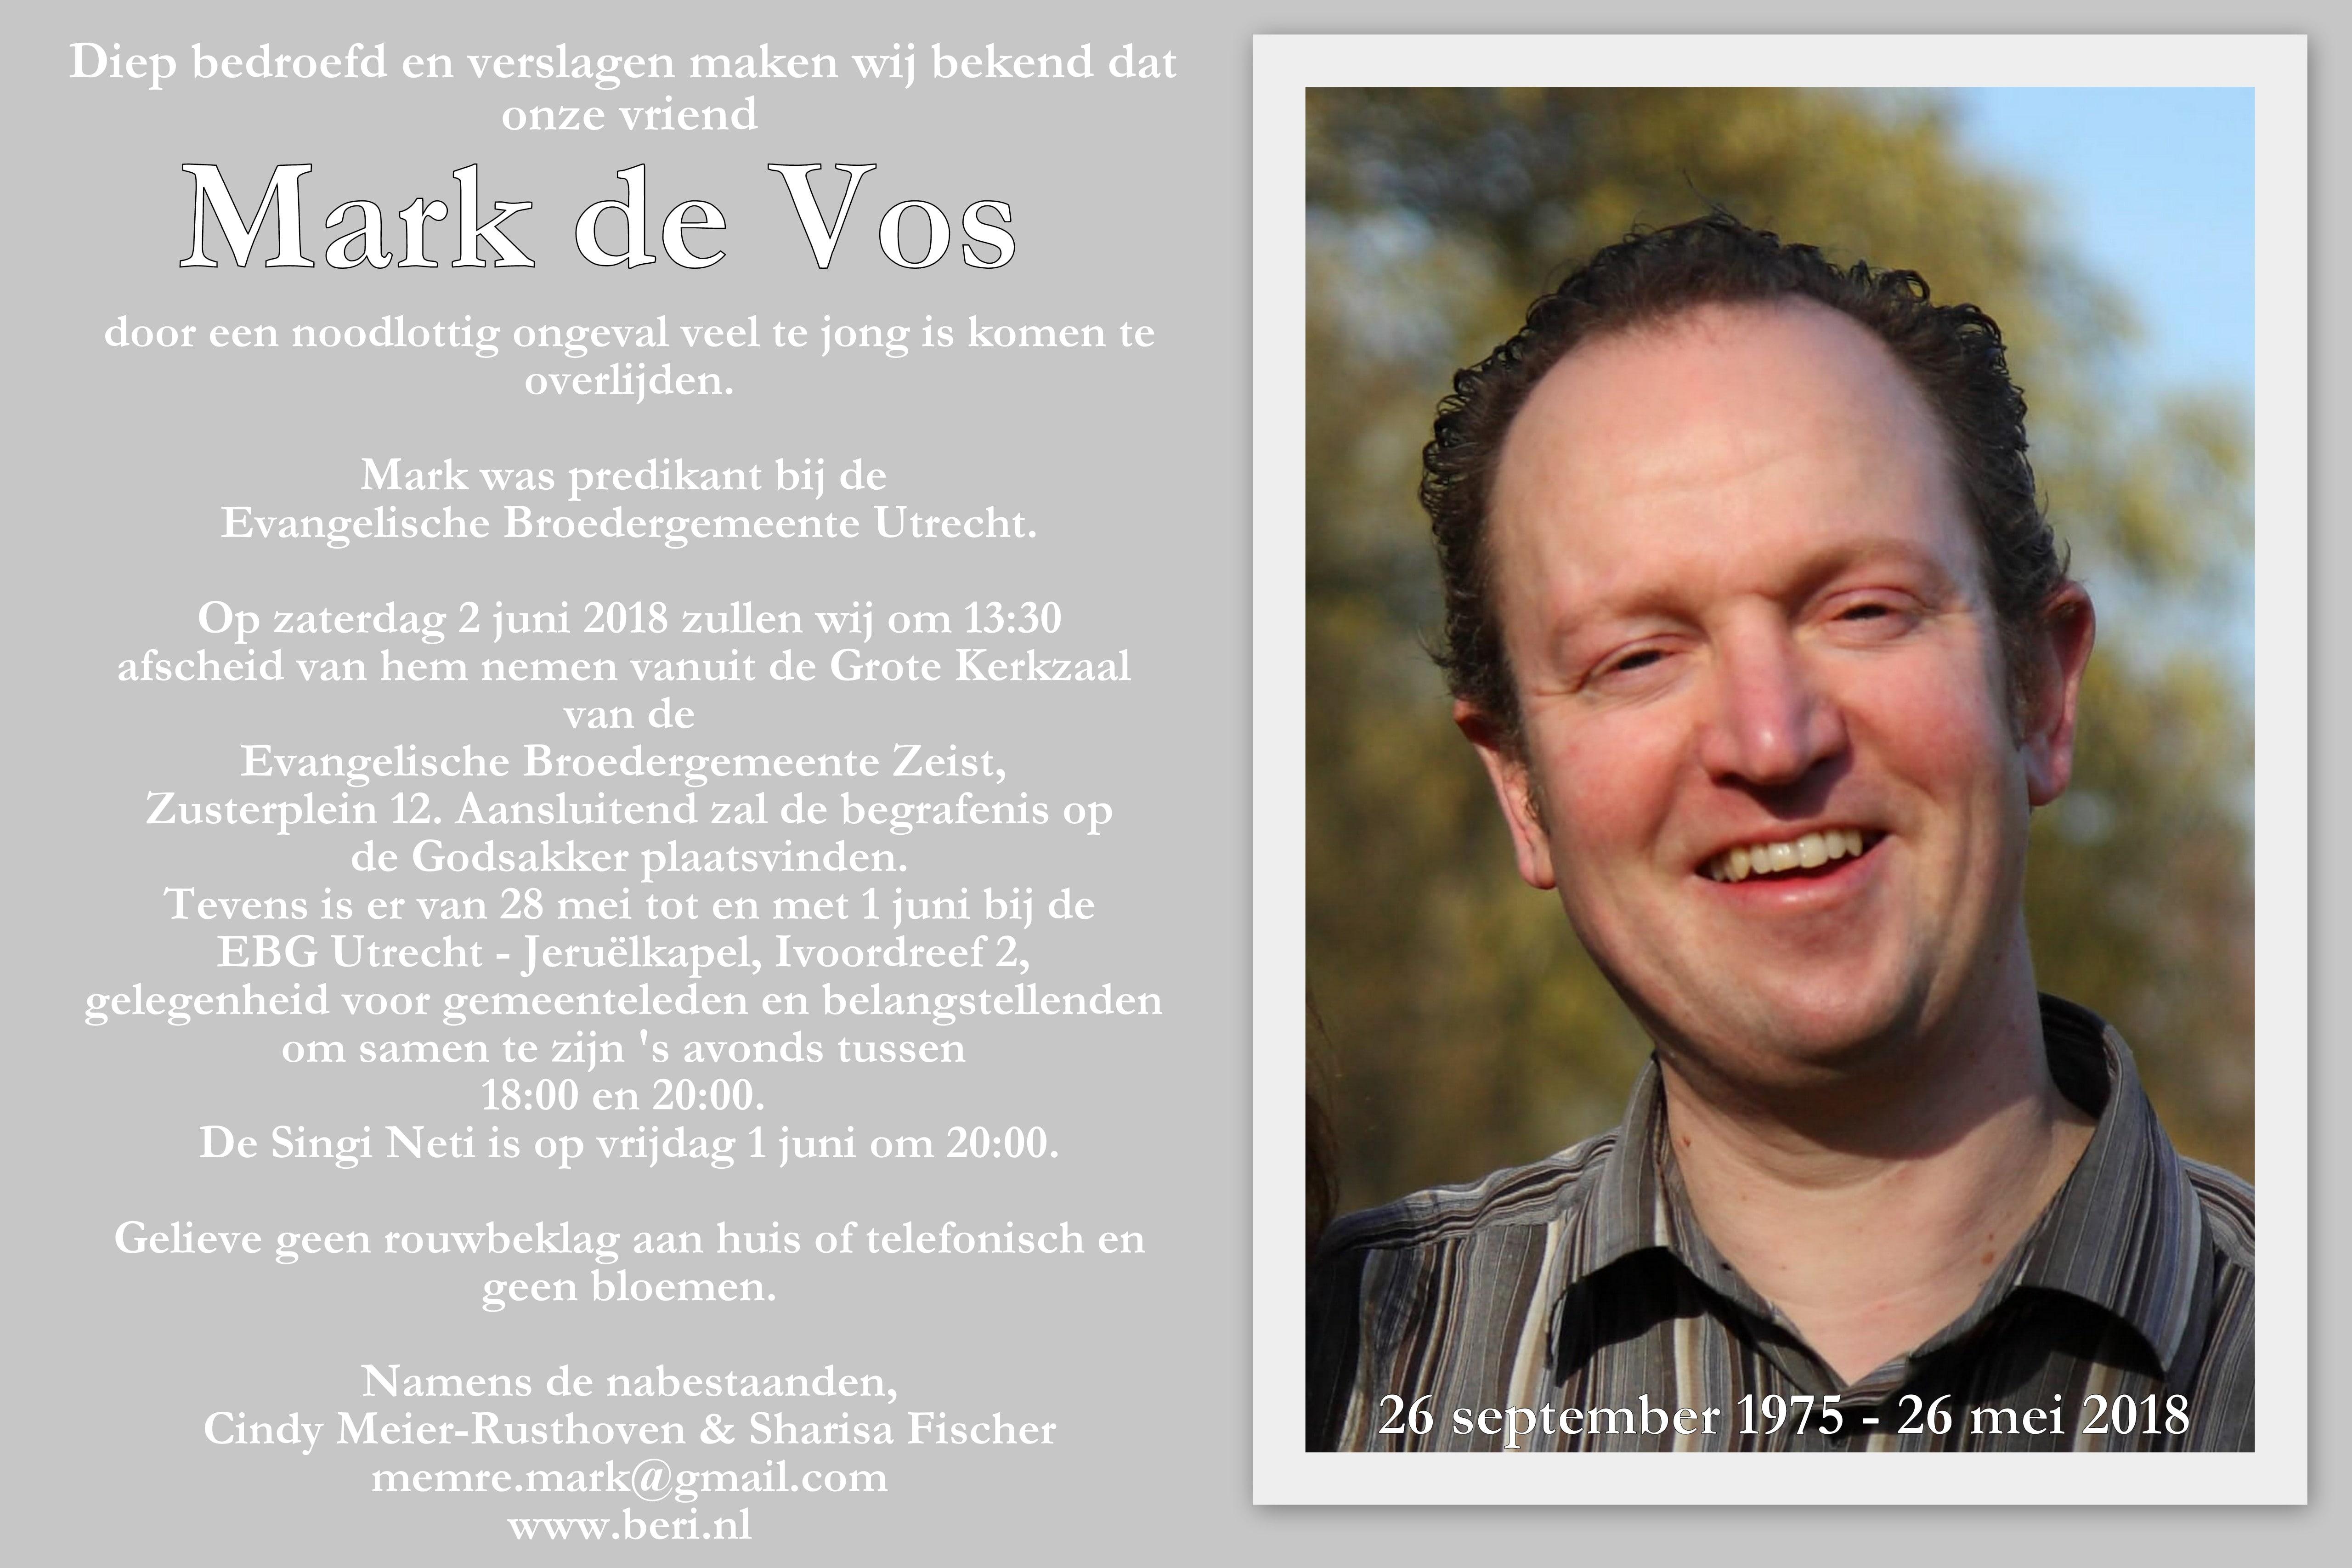 ds. Mark de Vos